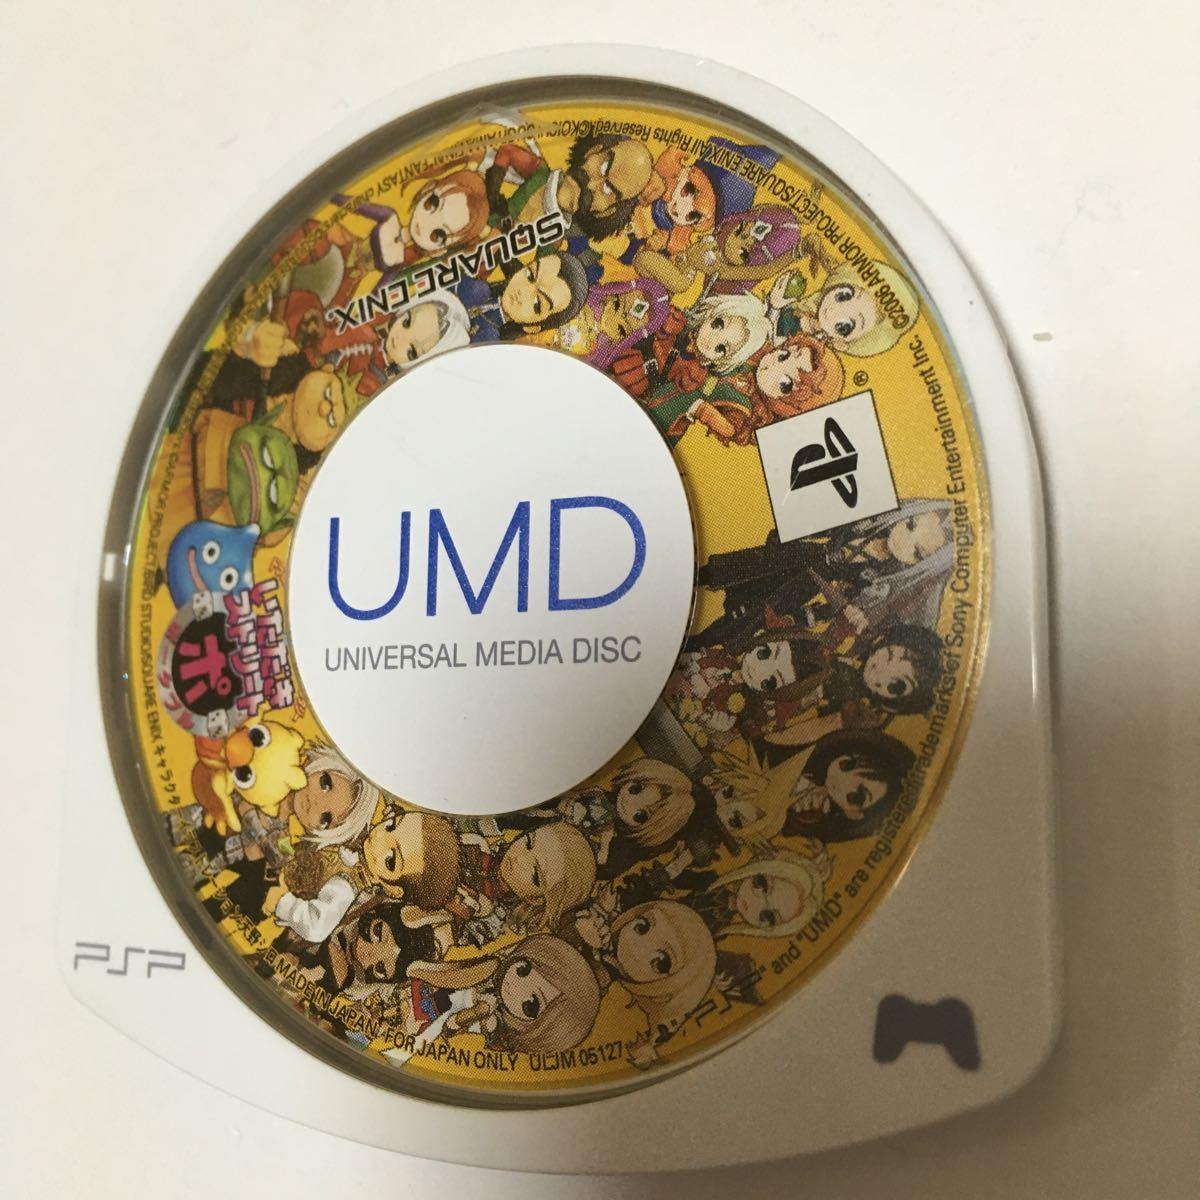 PSP  プレイステーションポータブル ソフト いただきストリート 動作確認済み UMDのみ ドラクエ ファイナルファンタジー